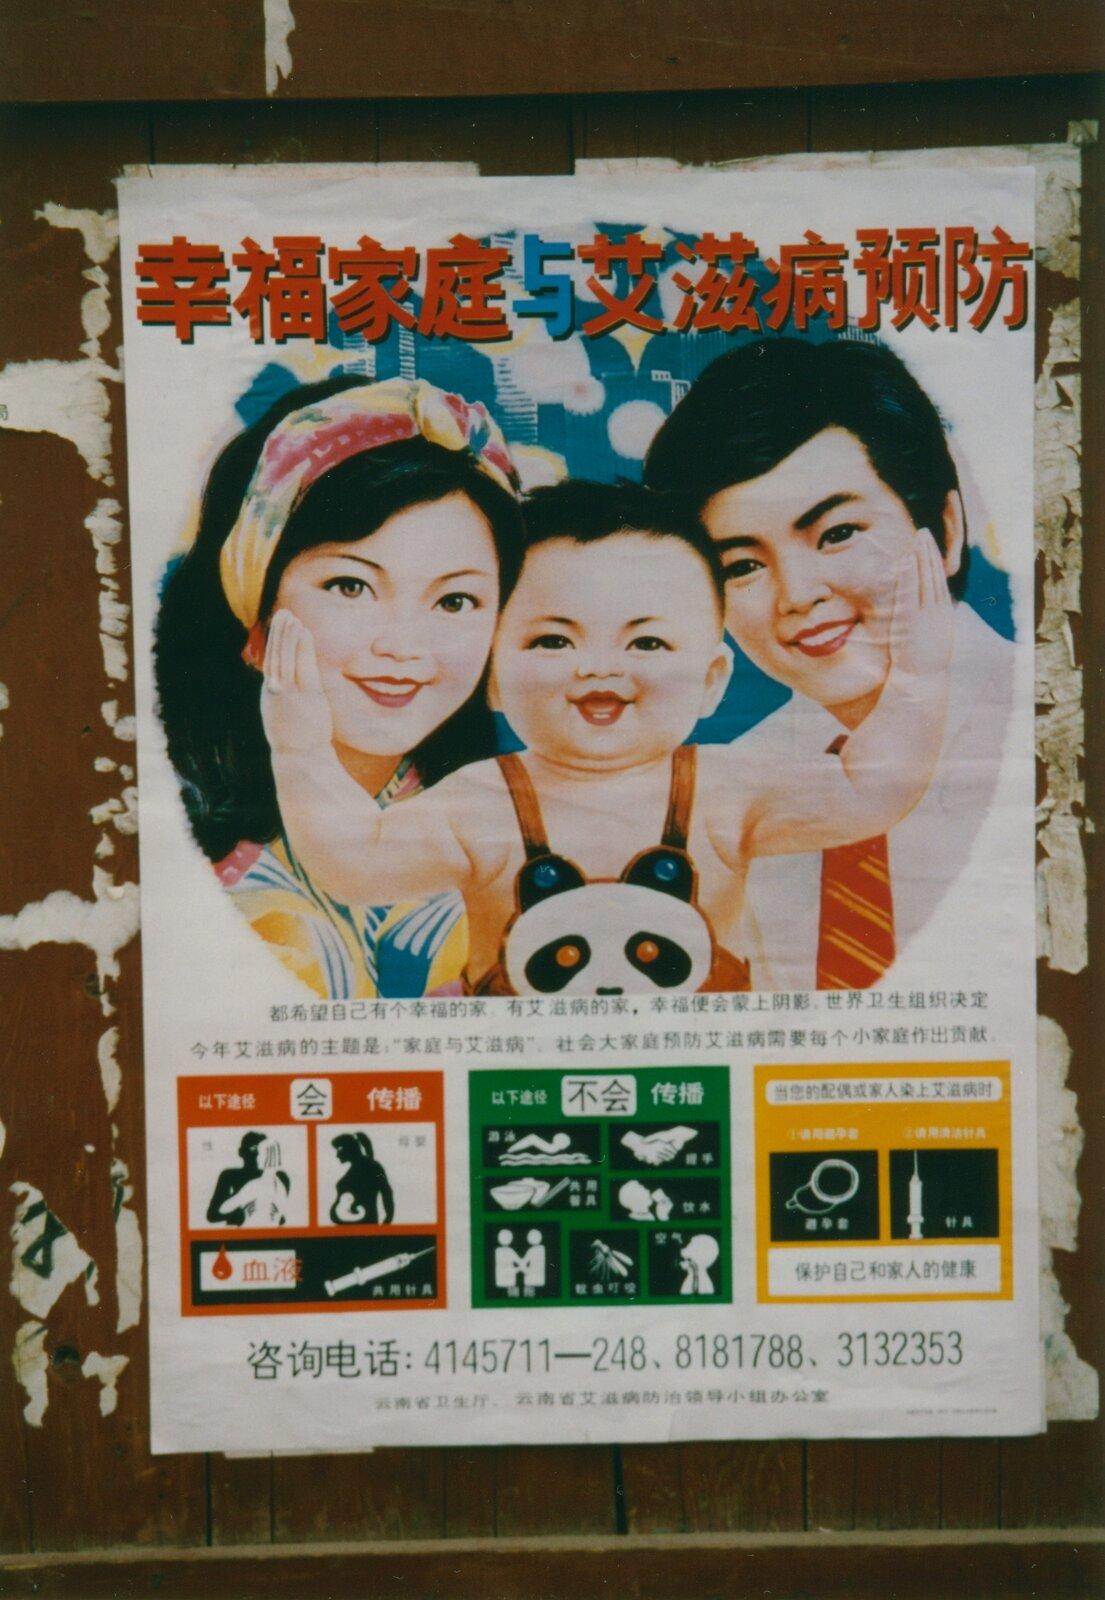 Zachęta do posiadania jednego dziecka. Hasłem tej polityki było: Rodzina zjednym dzieckiem – szczęściem twoim iszczęściem Chin.